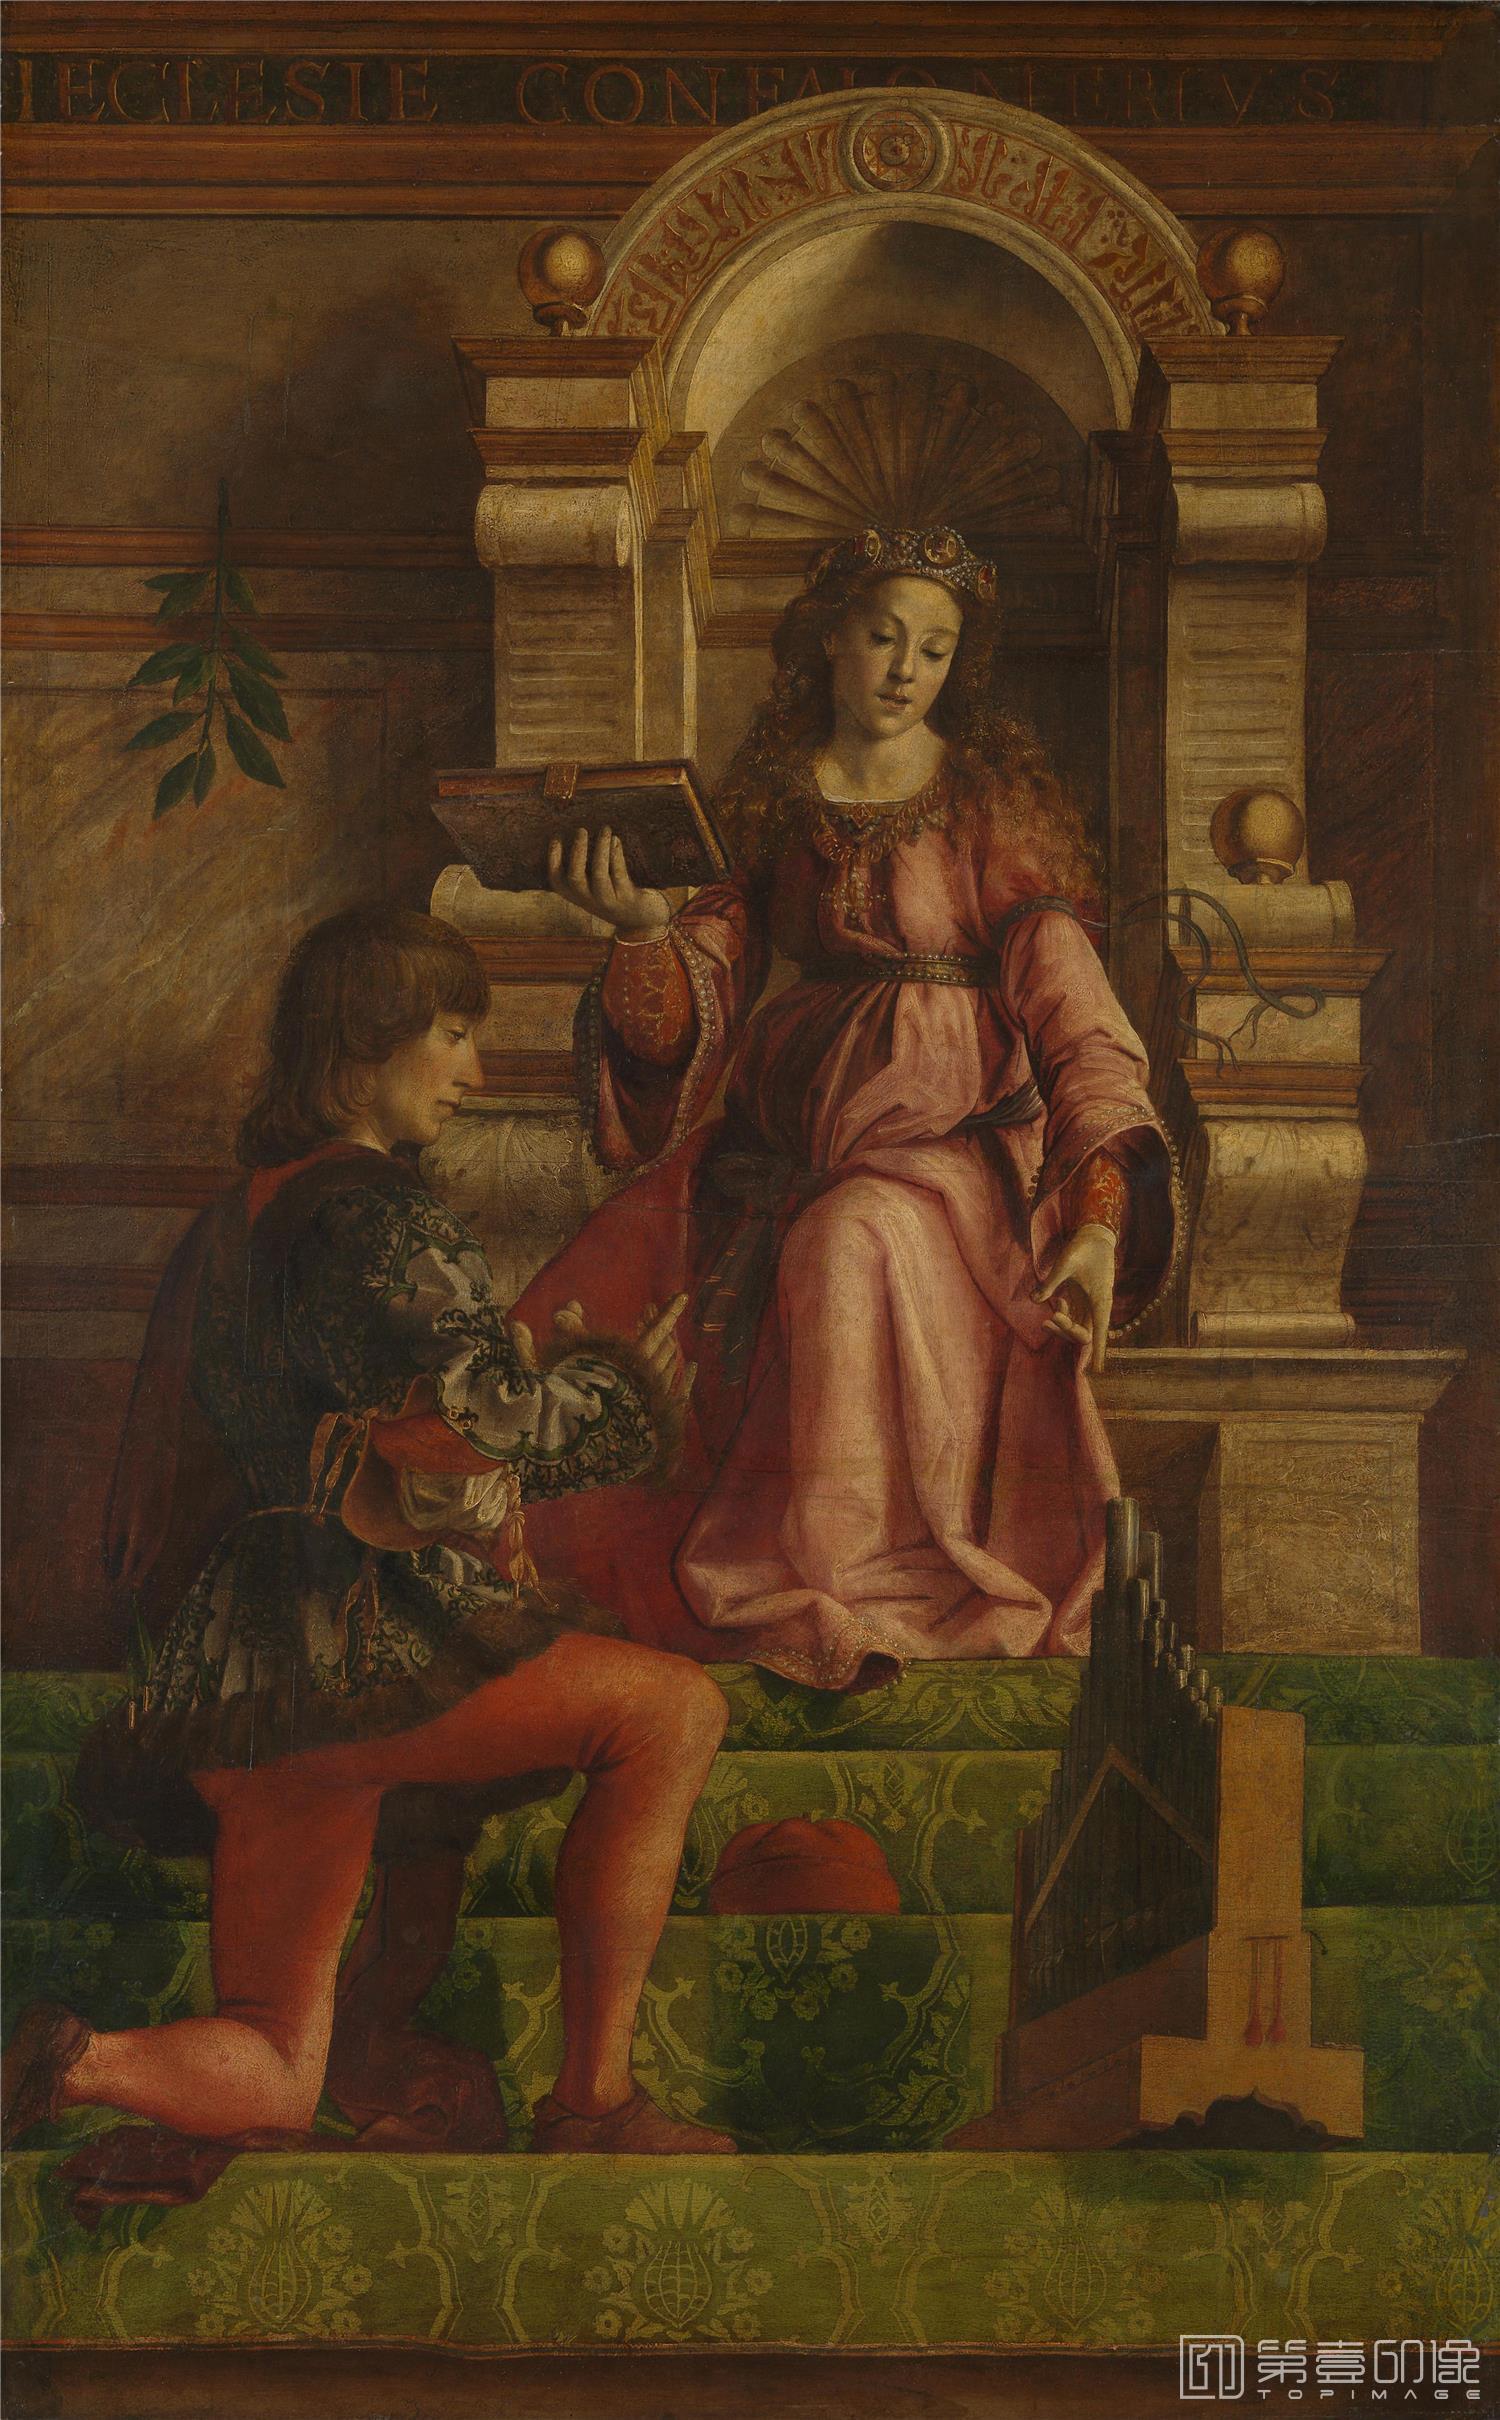 油画-Music音乐 probably 1470s, Justus of Ghent and workshop